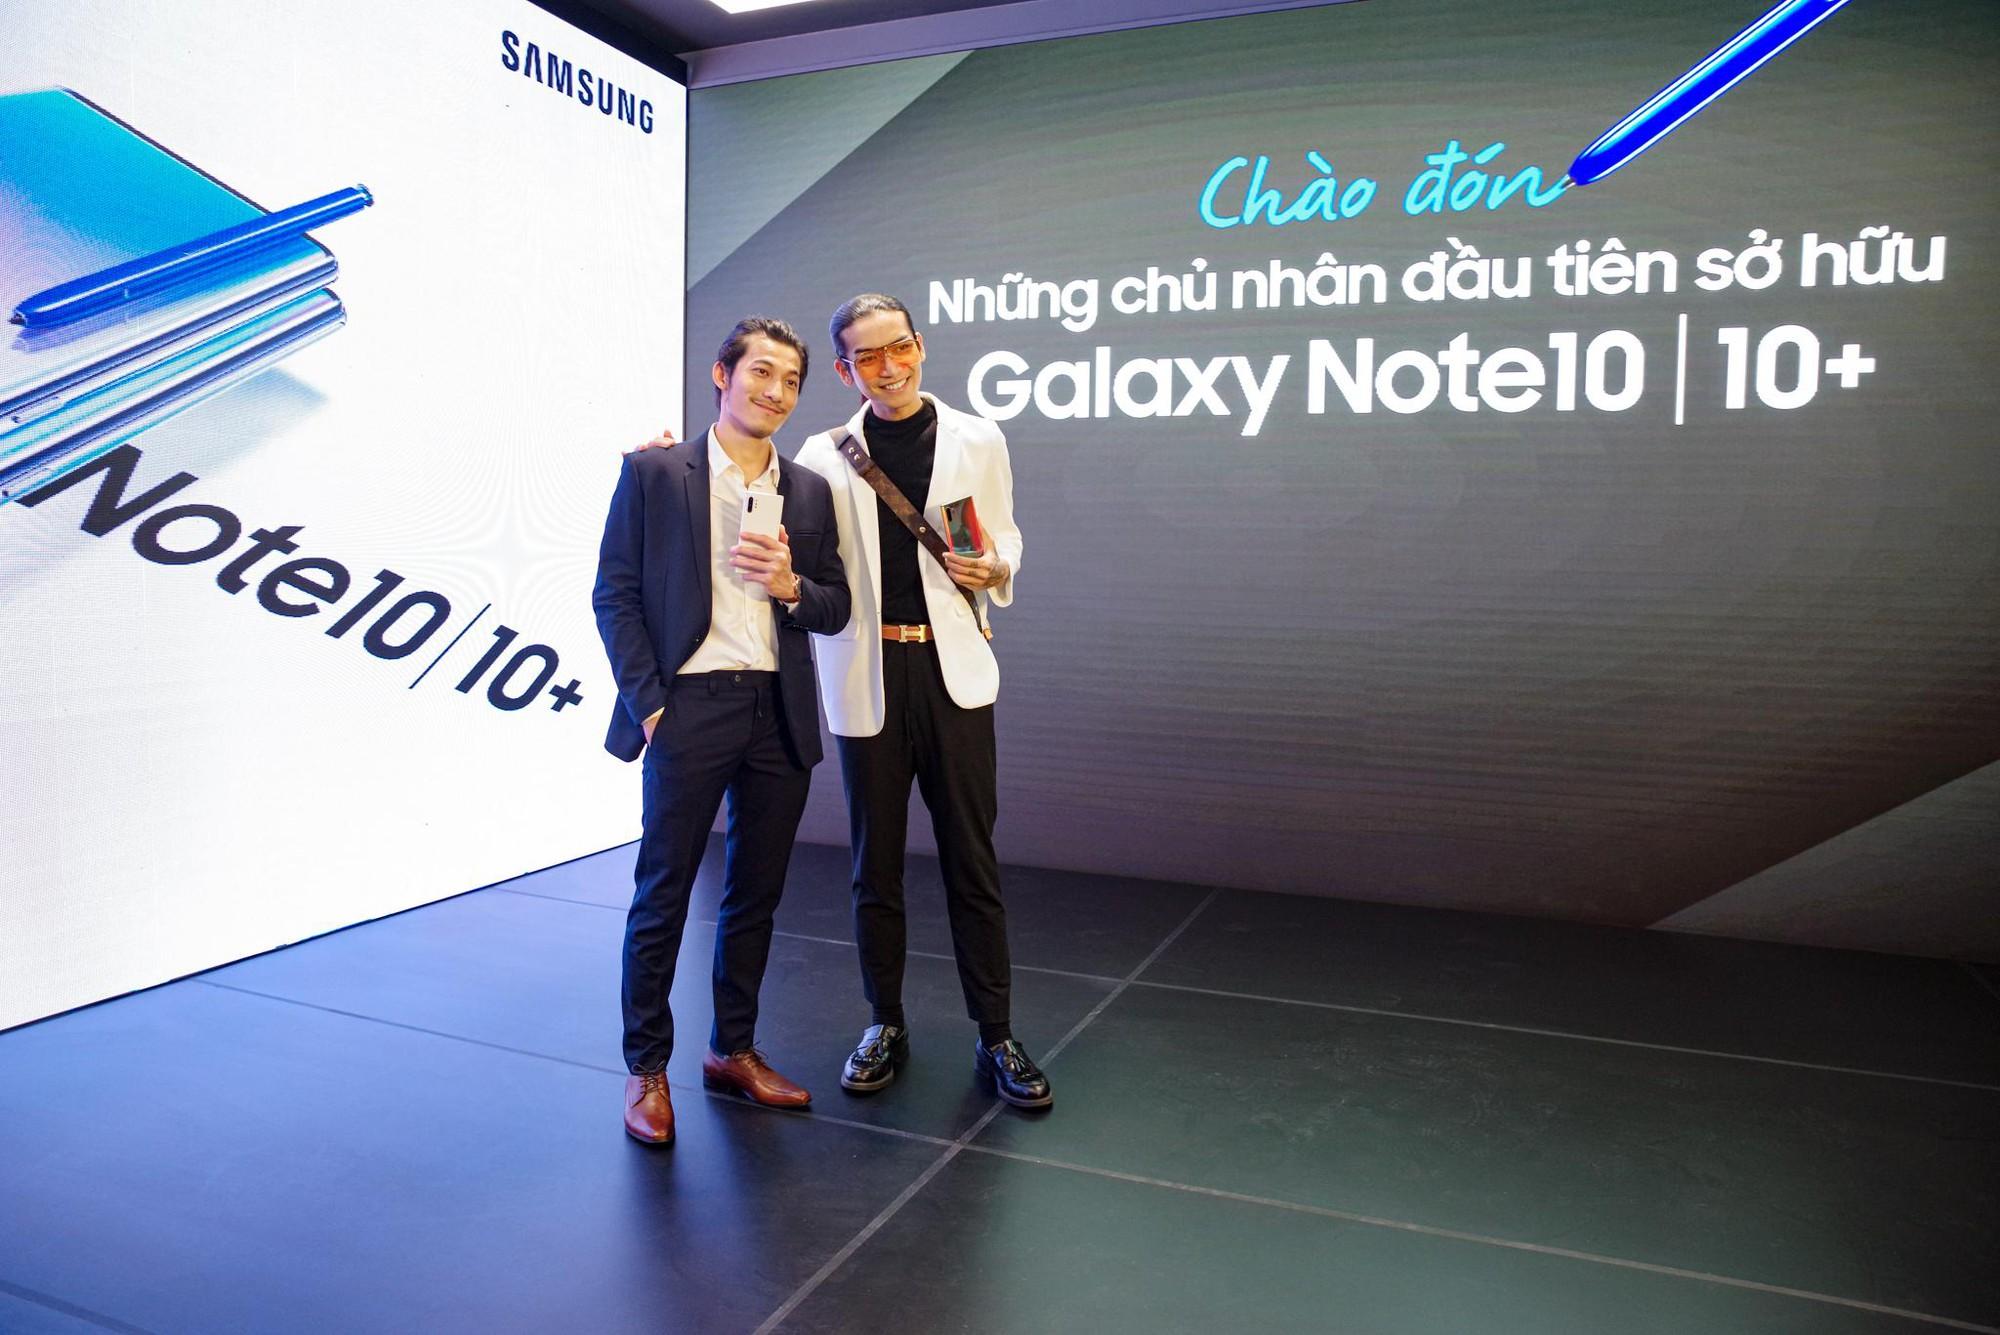 Cứ ngỡ Liên Bỉnh Phát xếp hàng mua Note10 ngày mở bán cho cô gái nào, đám đông bất ngờ nhận ra cô gái ấy là BB Trần - Ảnh 2.